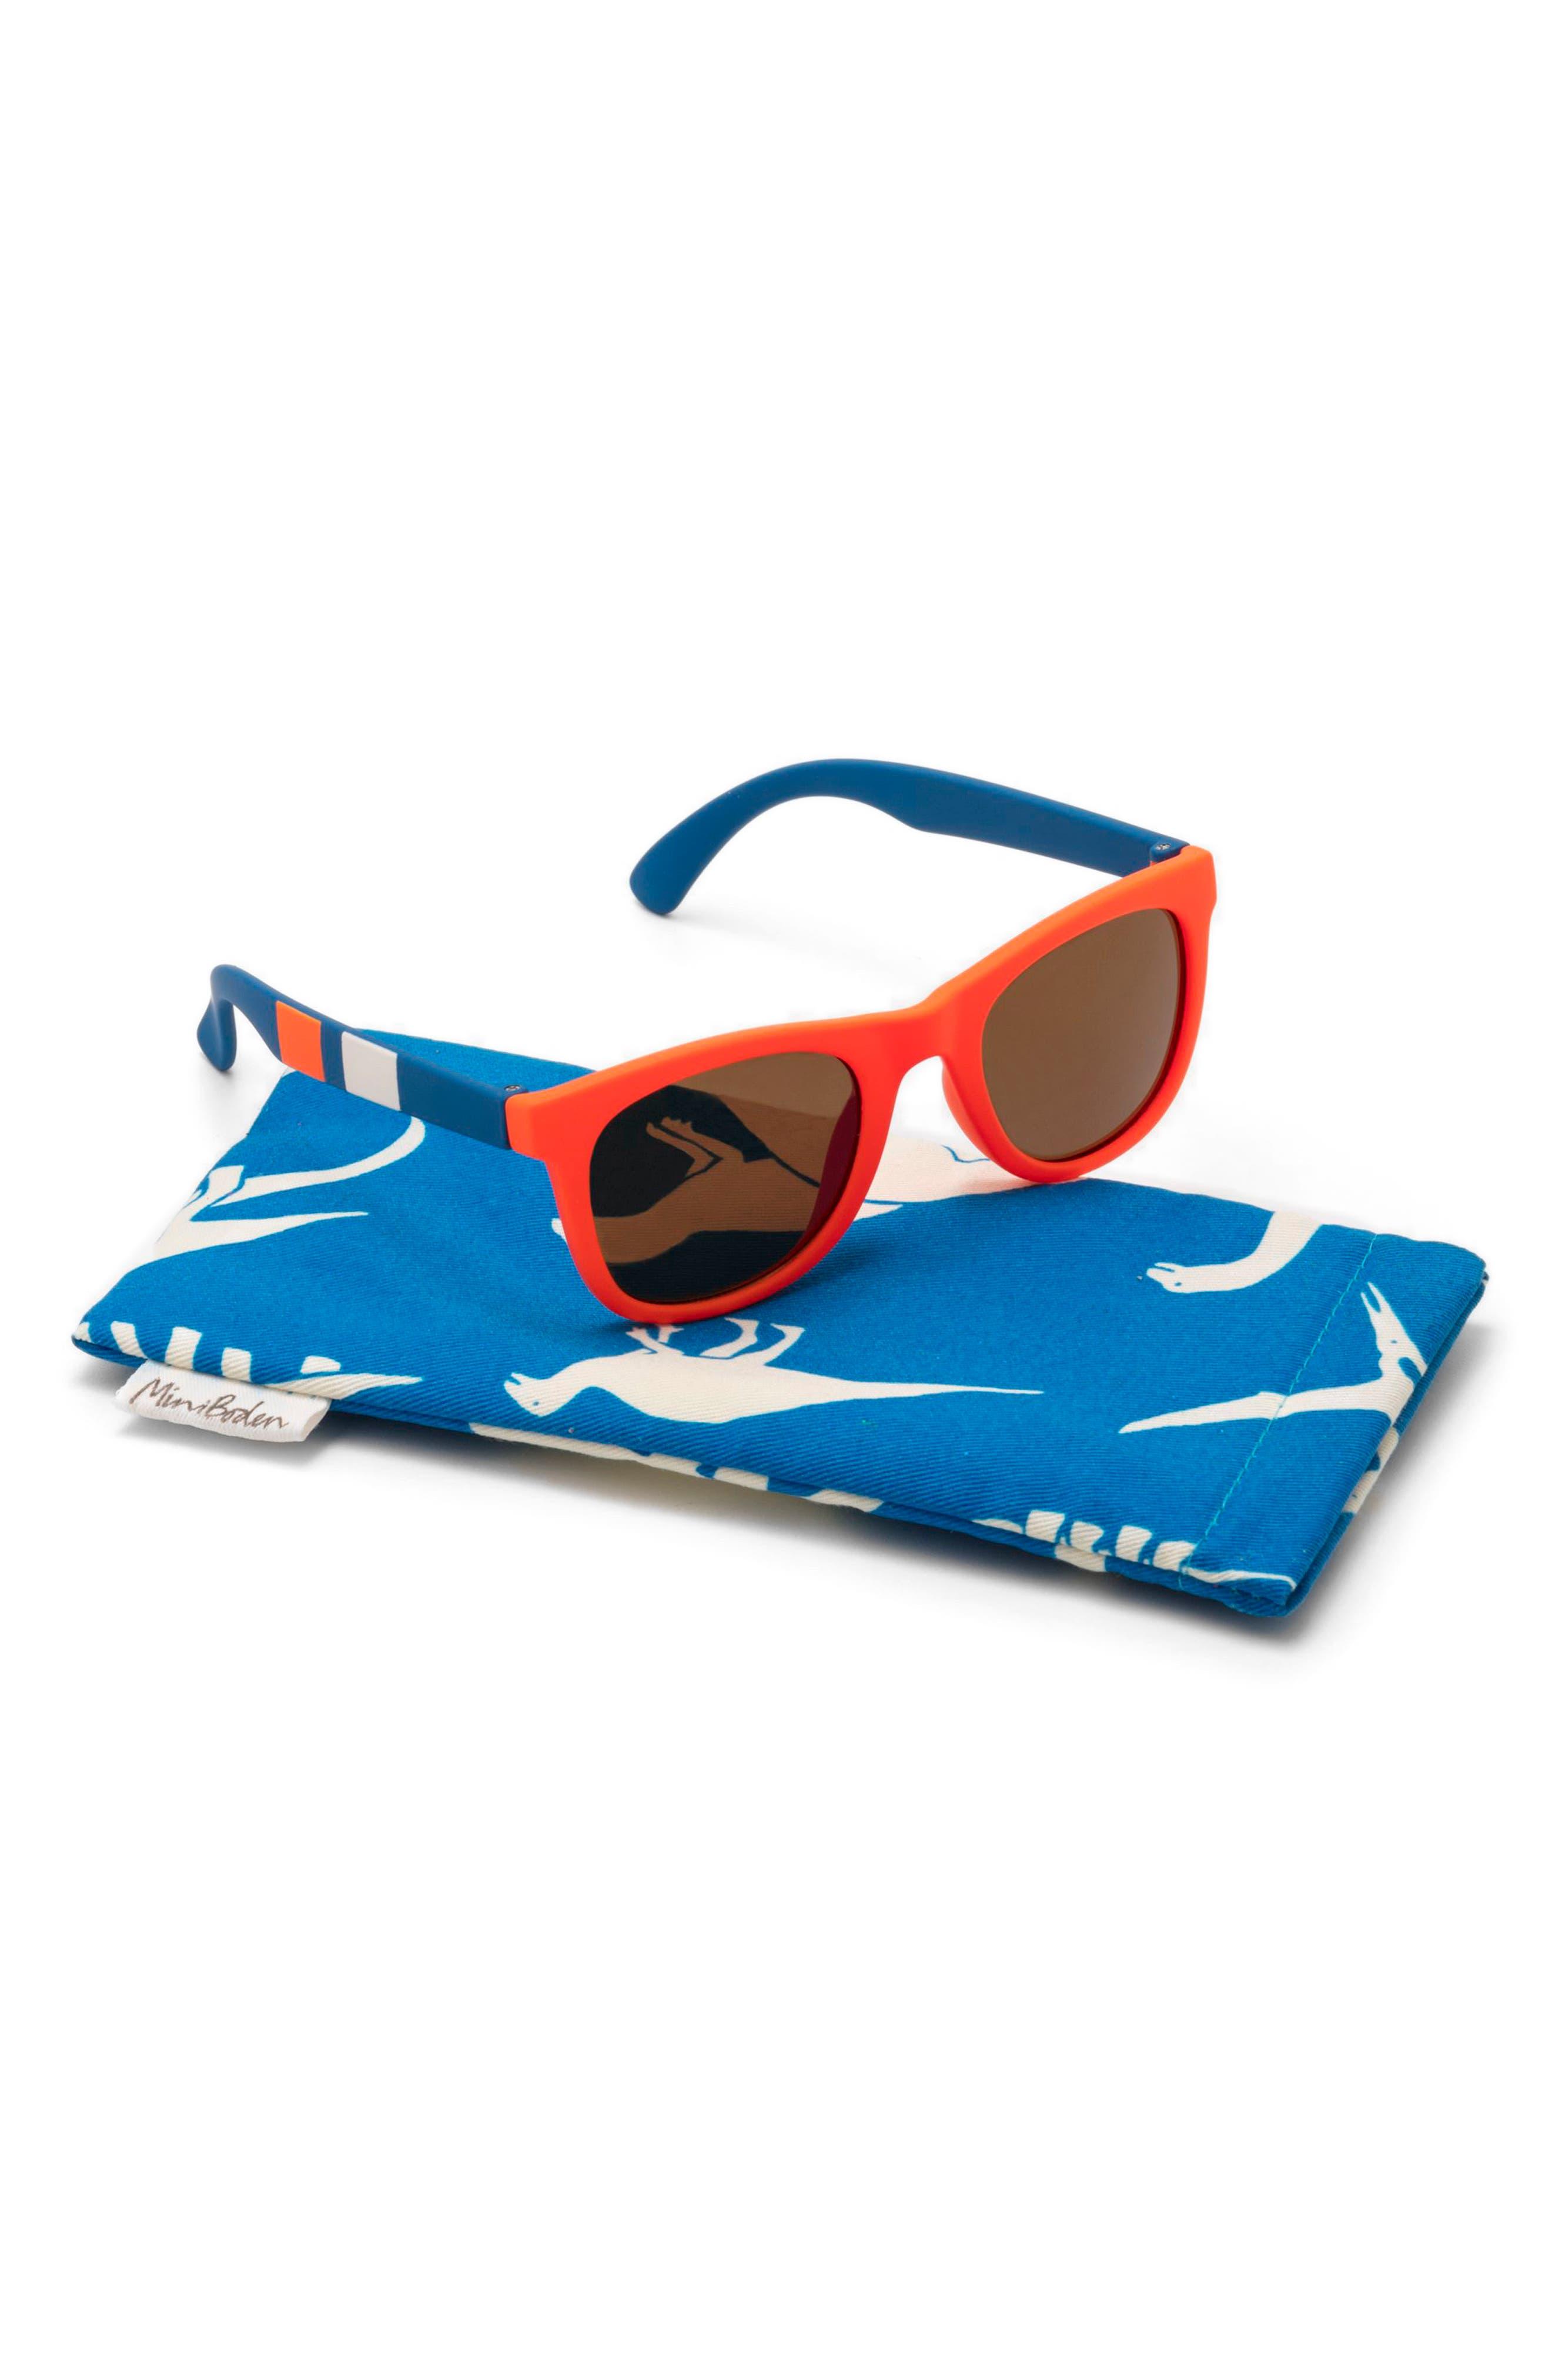 Mini Boden Sunglasses (Kids)